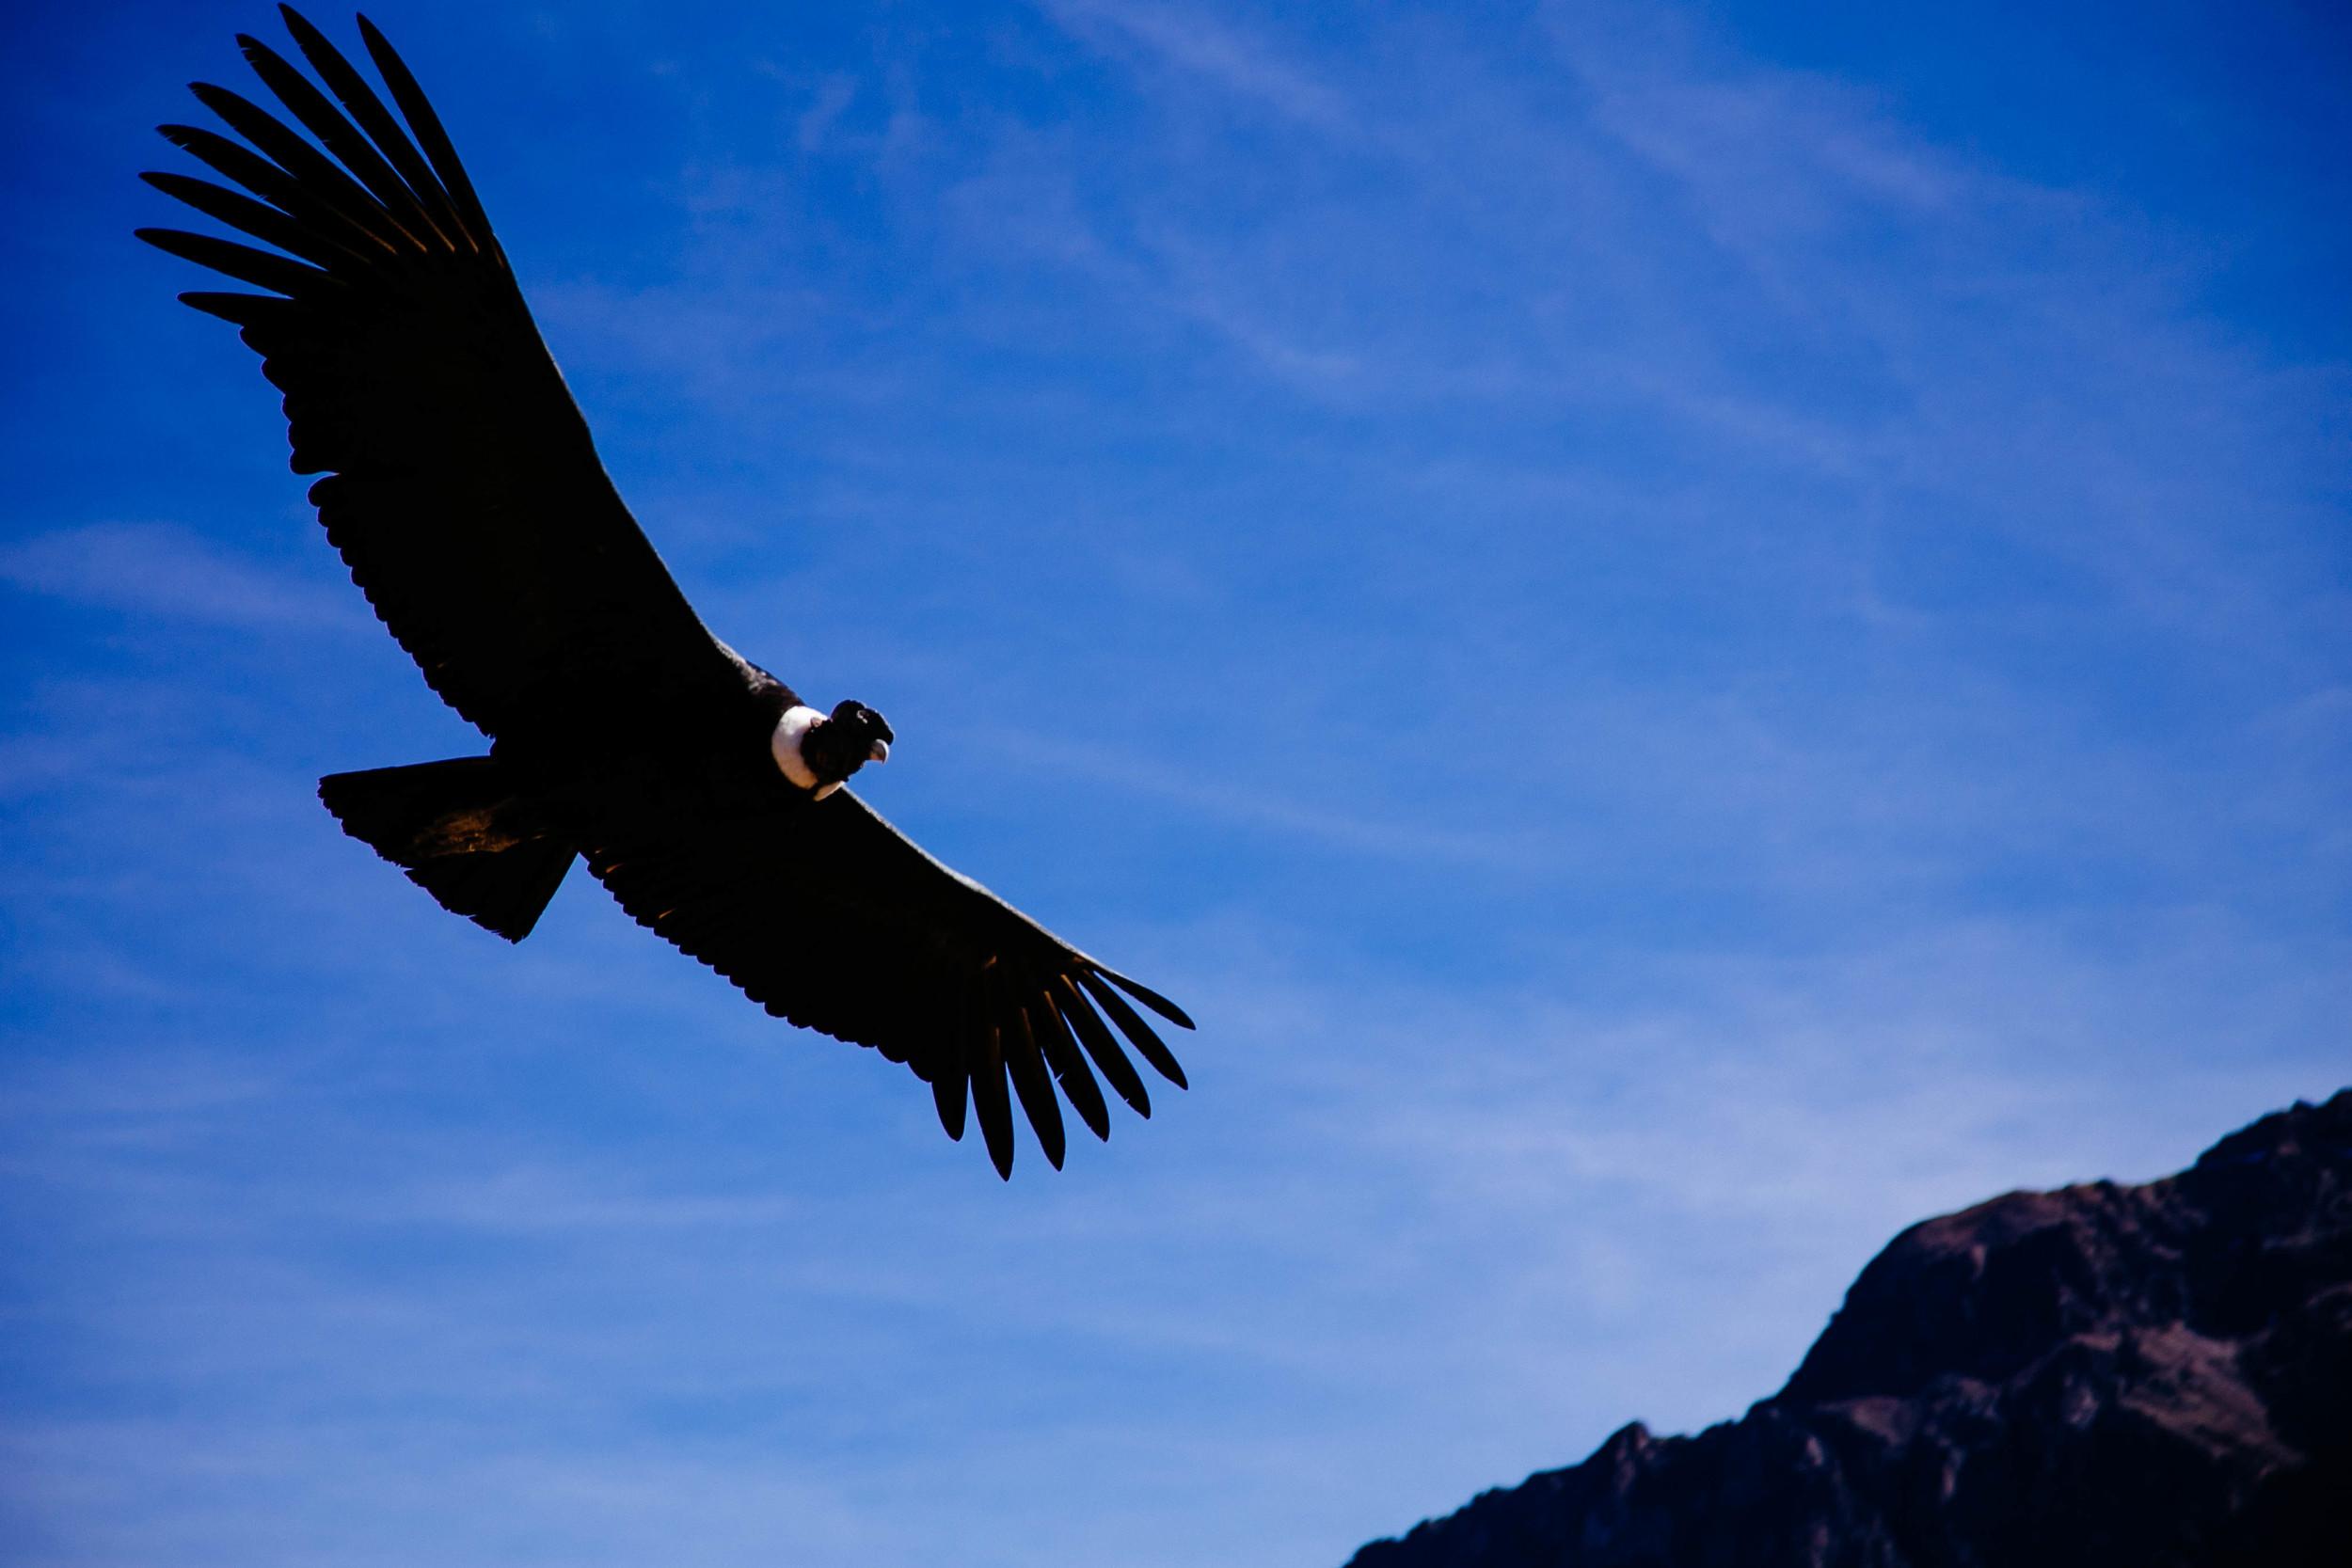 A close up of the condor